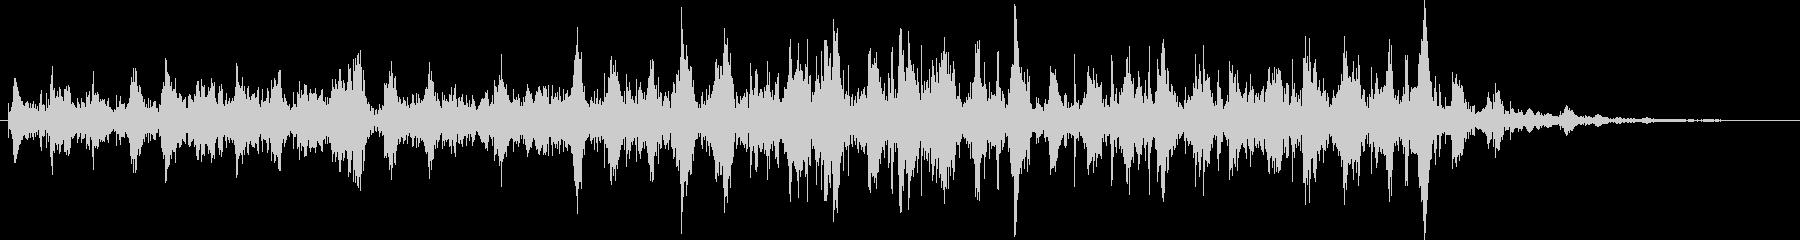 ブクブク…(液体・ドロドロイメージ)の未再生の波形